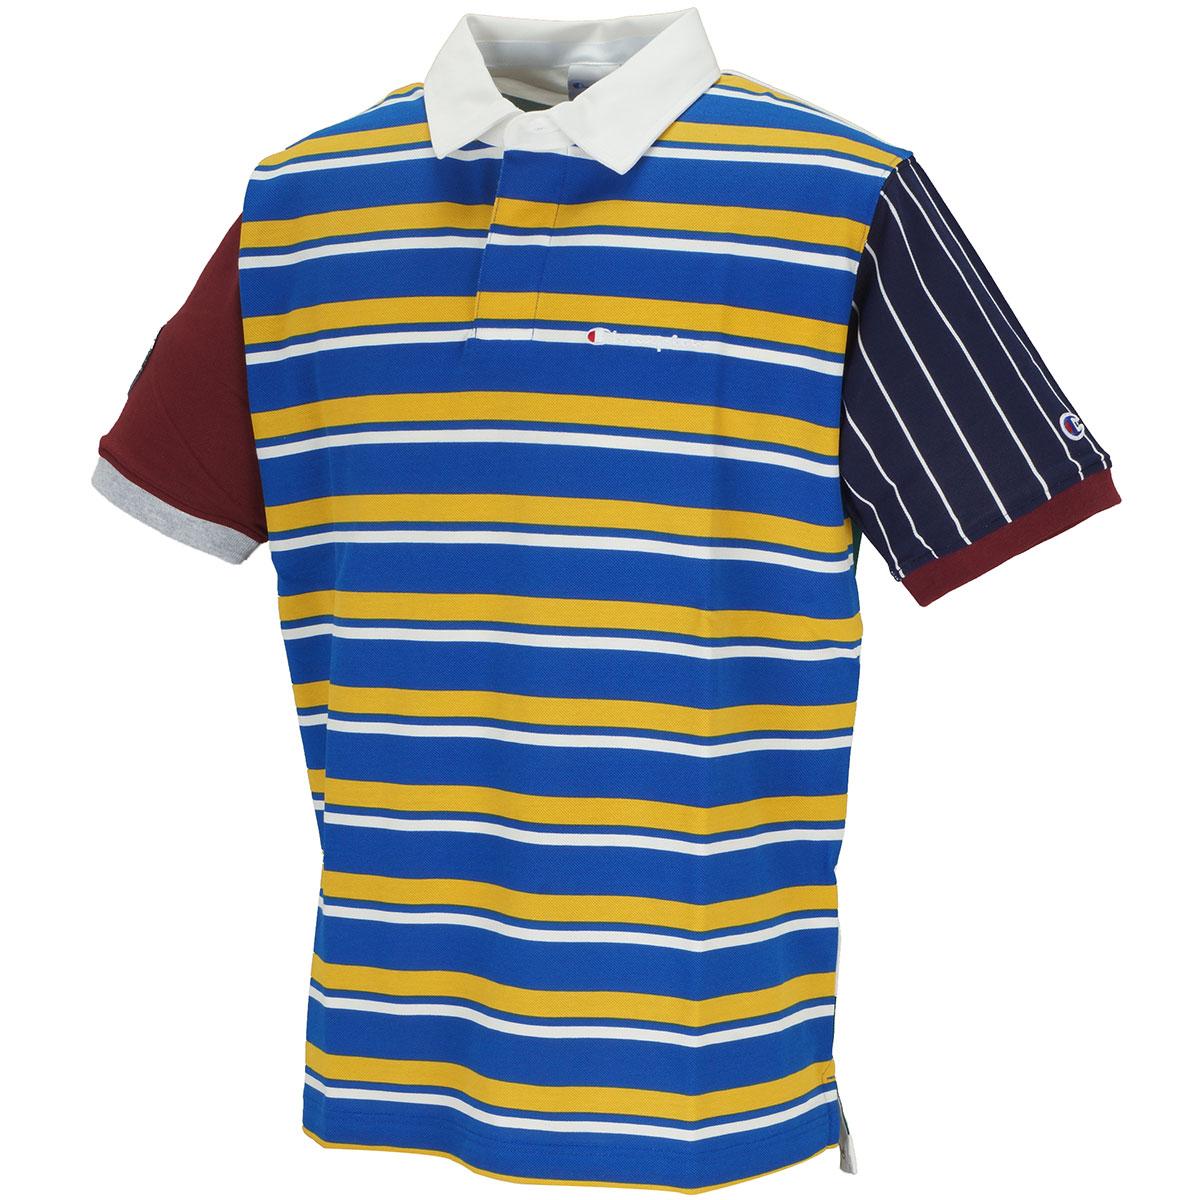 アシンメトリー 半袖ポロシャツ